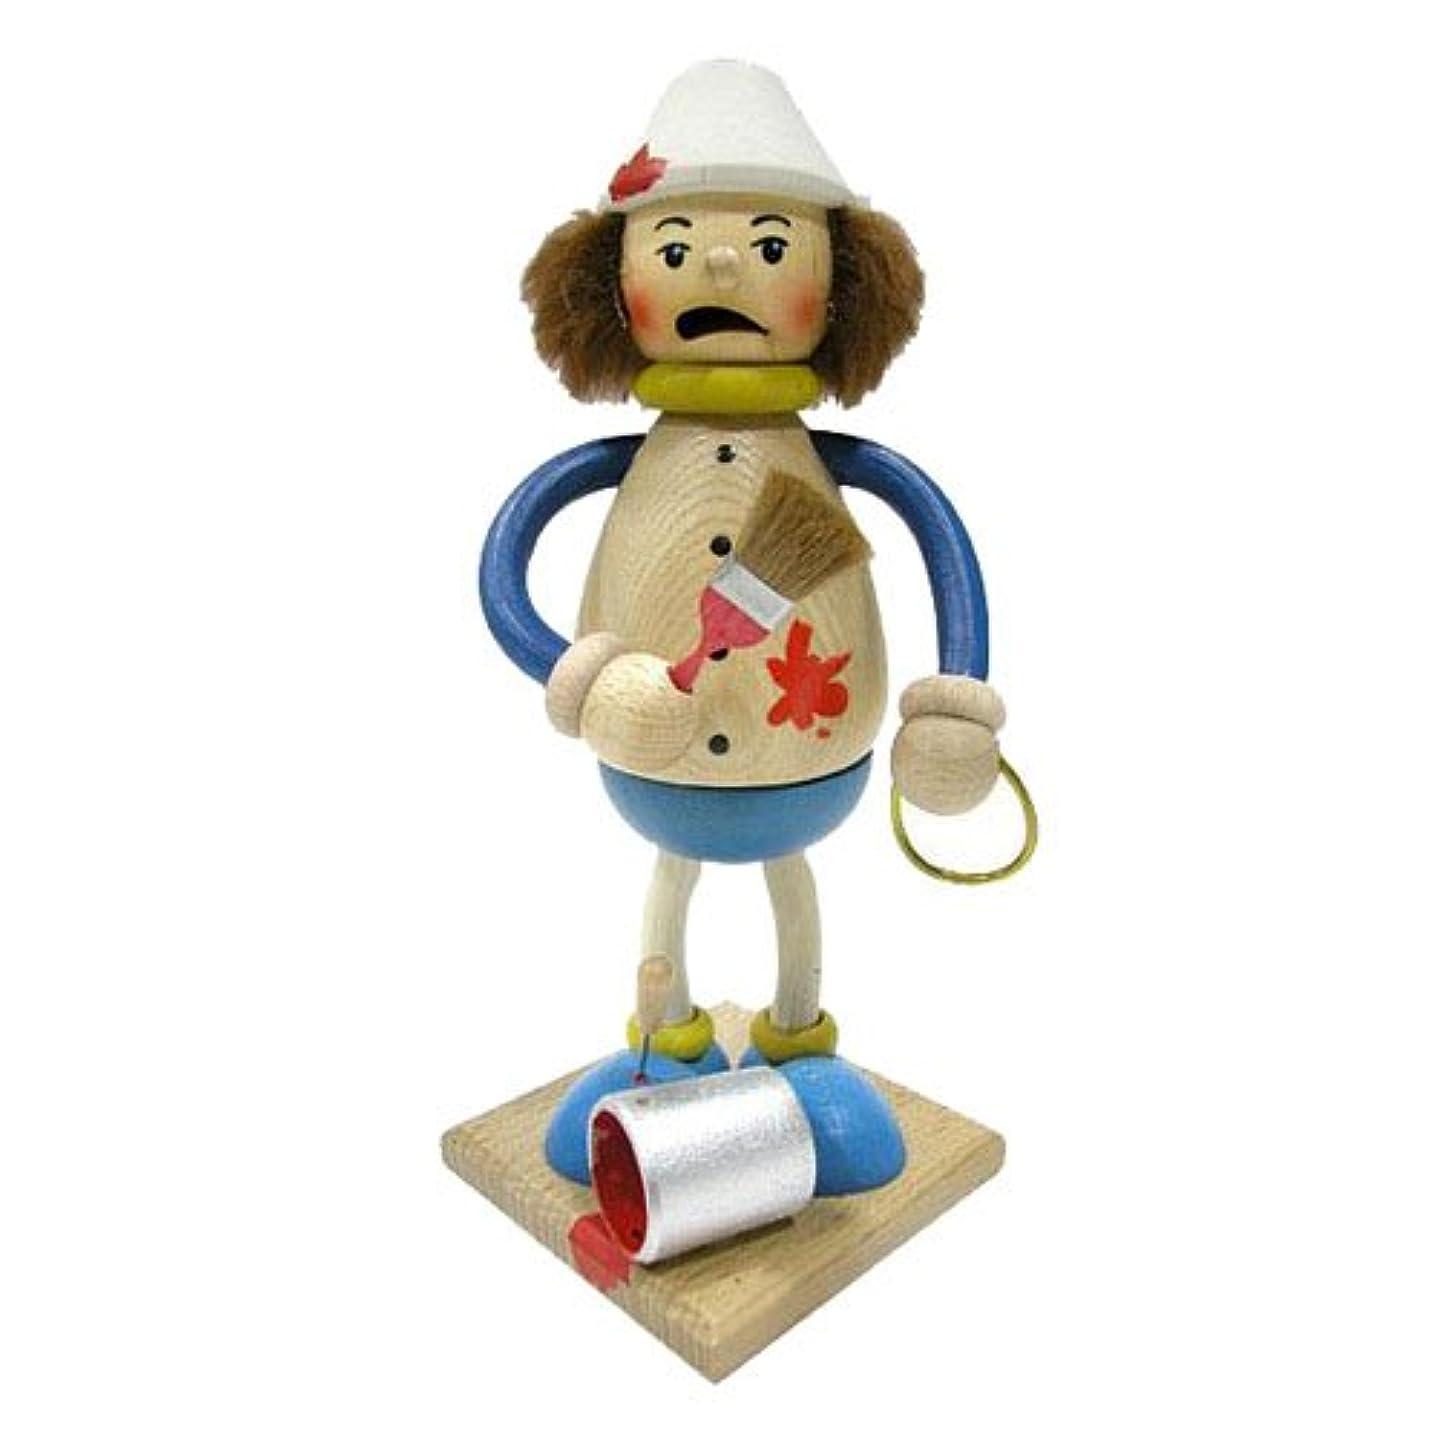 ランドリー土地異なる39095 Kuhnert(クーネルト) ミニパイプ人形香炉 ペインター